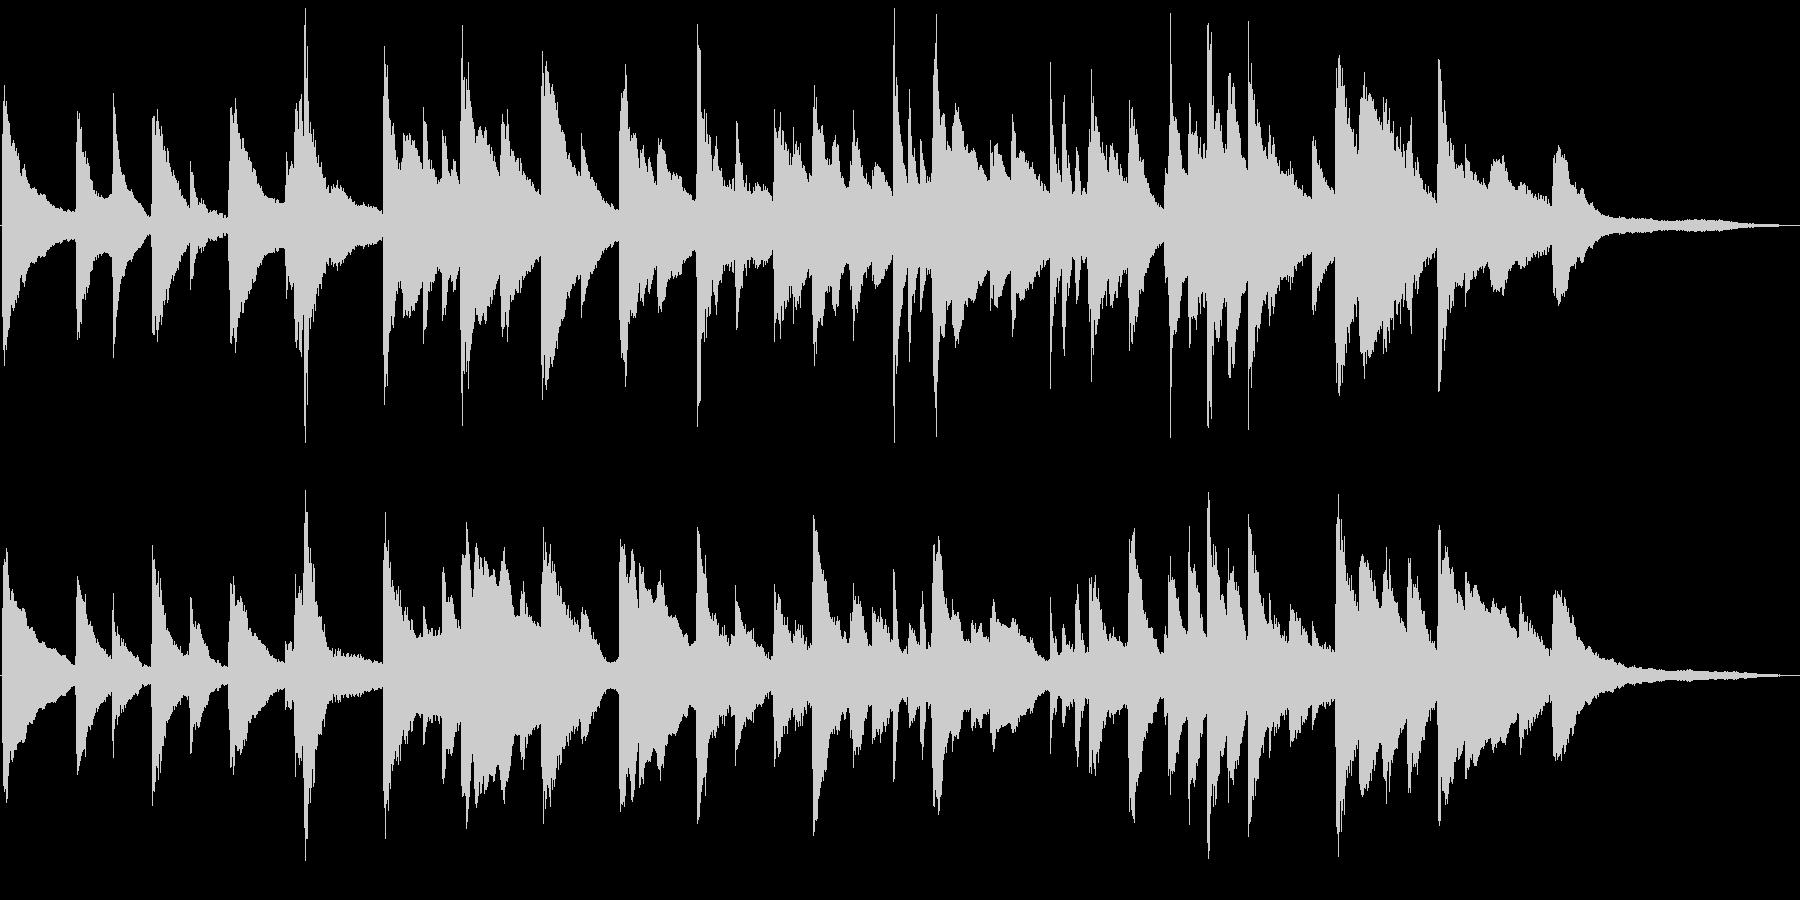 ちょっぴり切ないピアノの小曲の未再生の波形